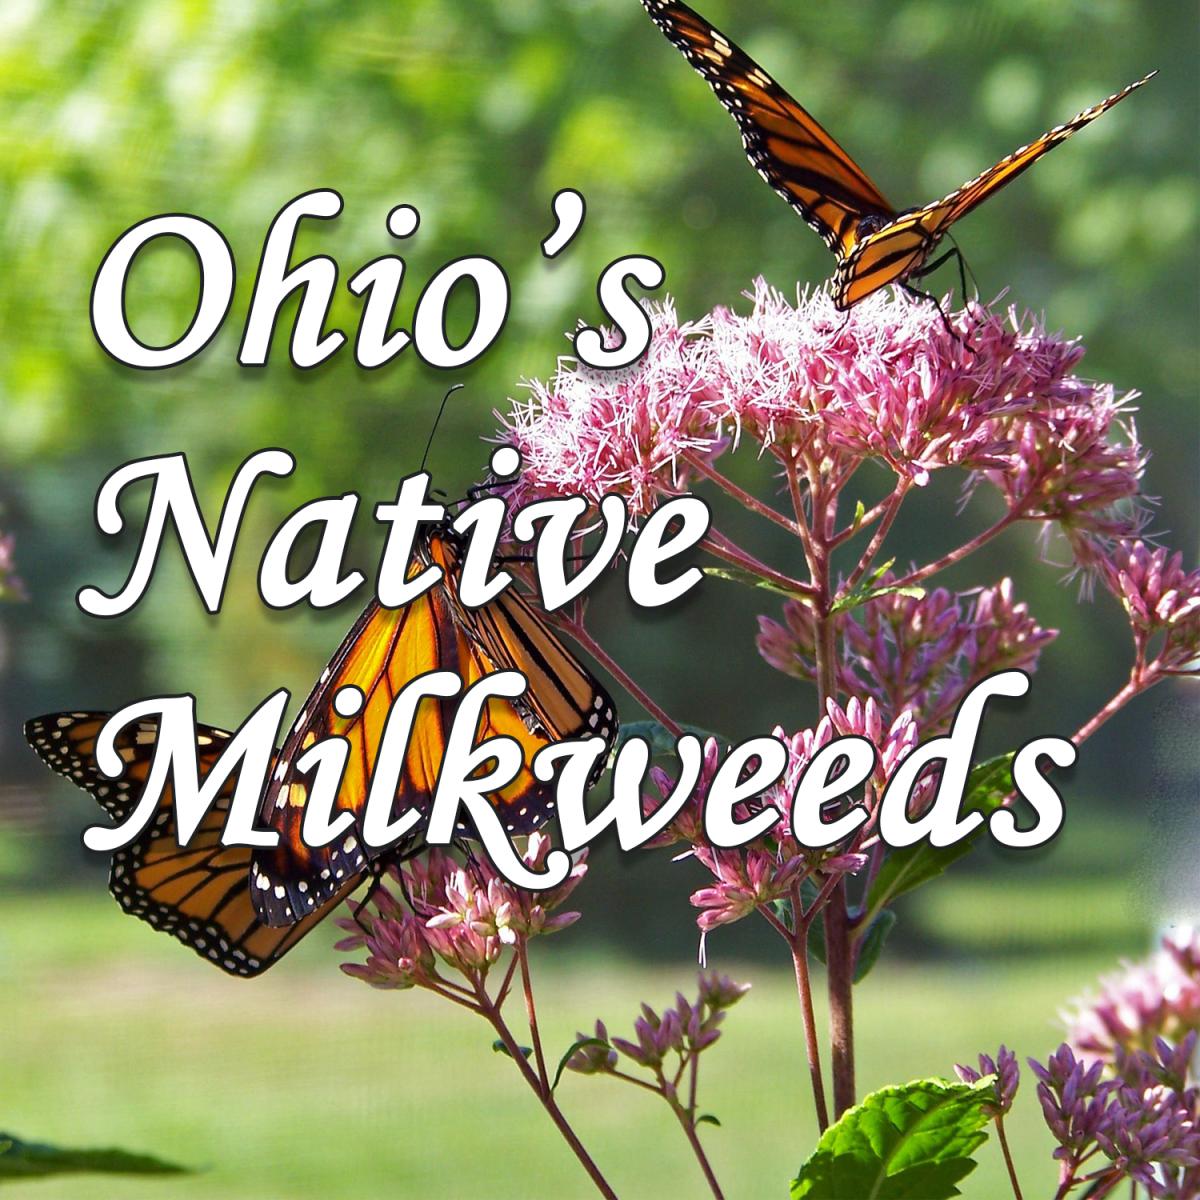 Ohio's Native Milkweeds